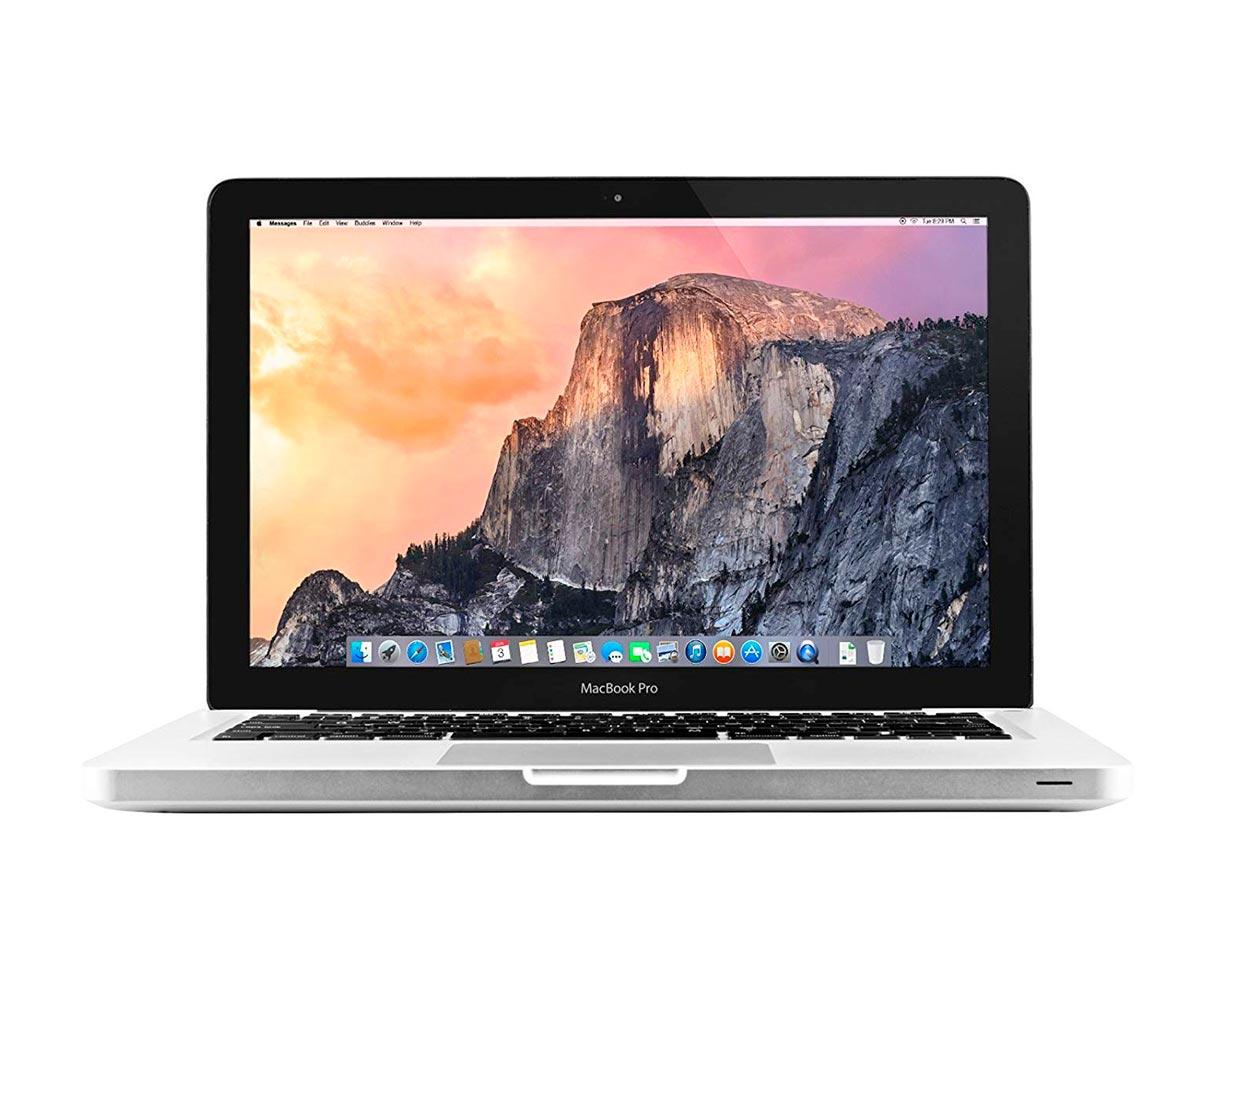 اپل / لپ تاپ استوک اپل مدل Apple MacBook Pro Late 2011 - 15 inch